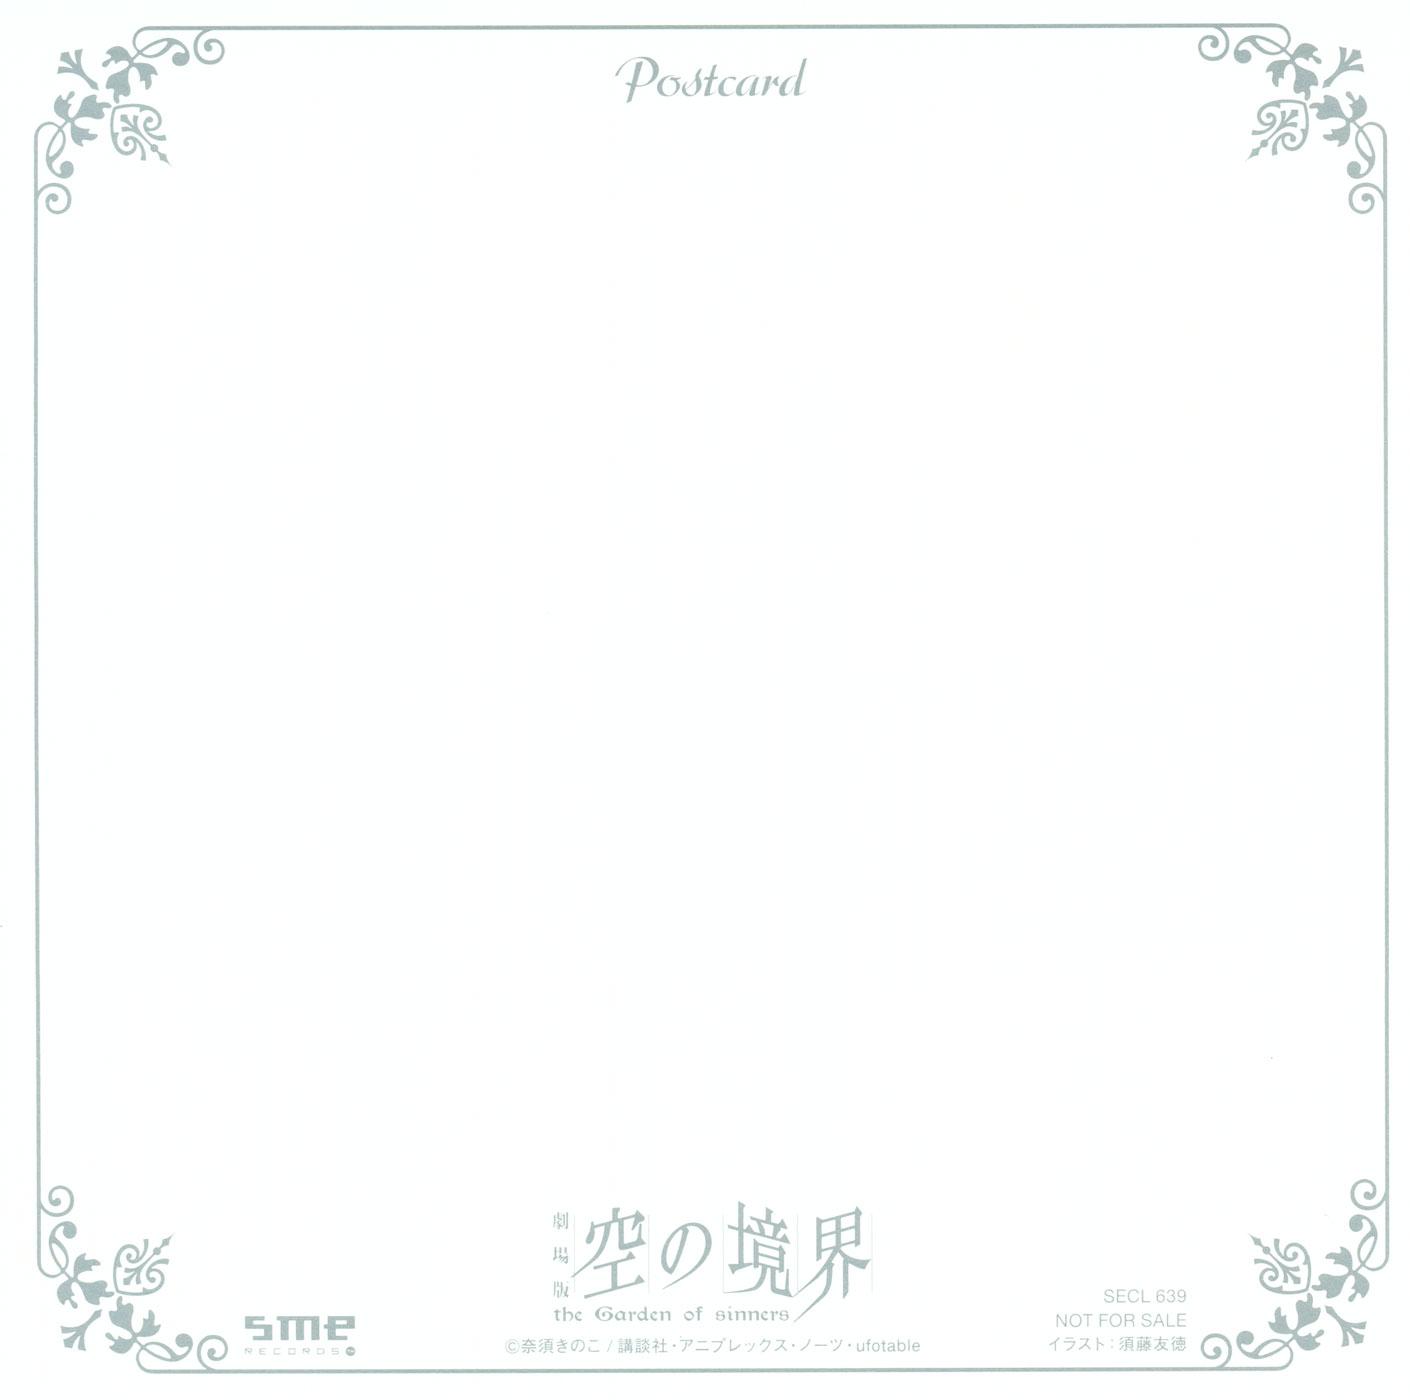 Mini Album Cover Bts | Wiring Diagram Database